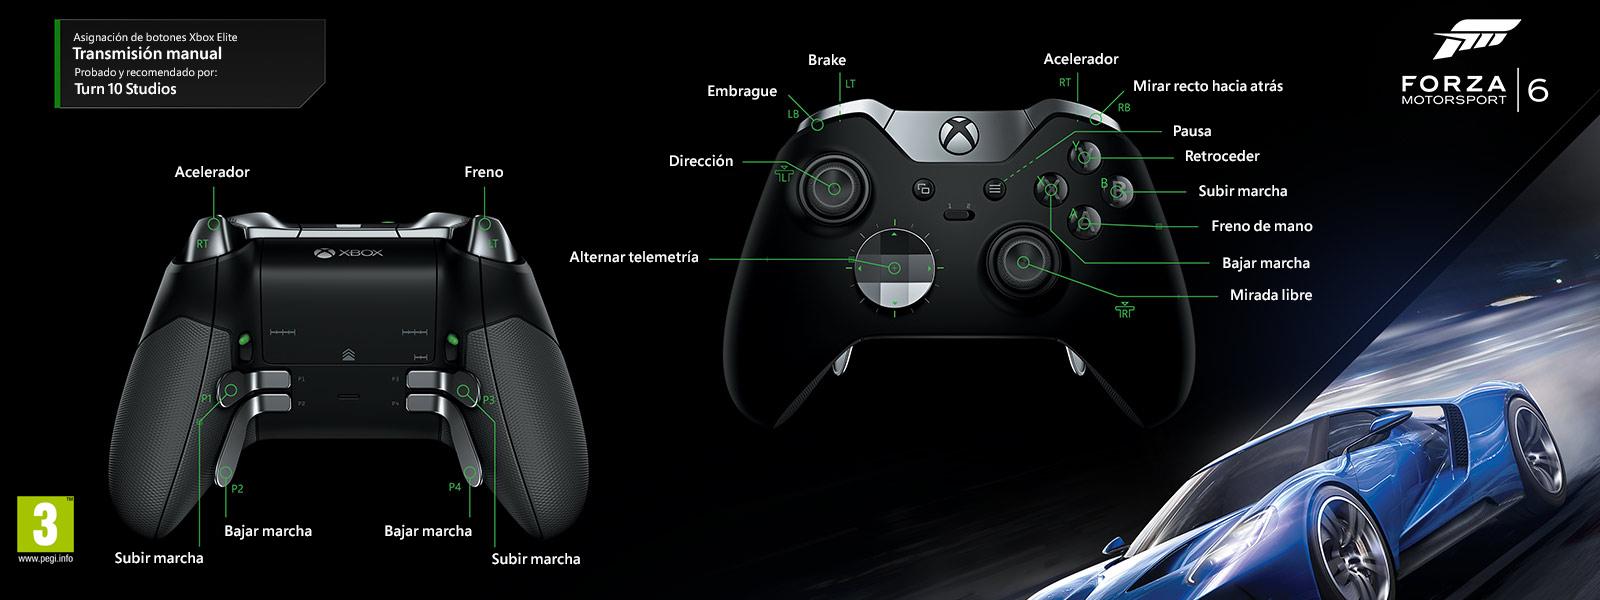 Forza Motorsport 6: transmisión manual (asignación de funciones del mando Elite)